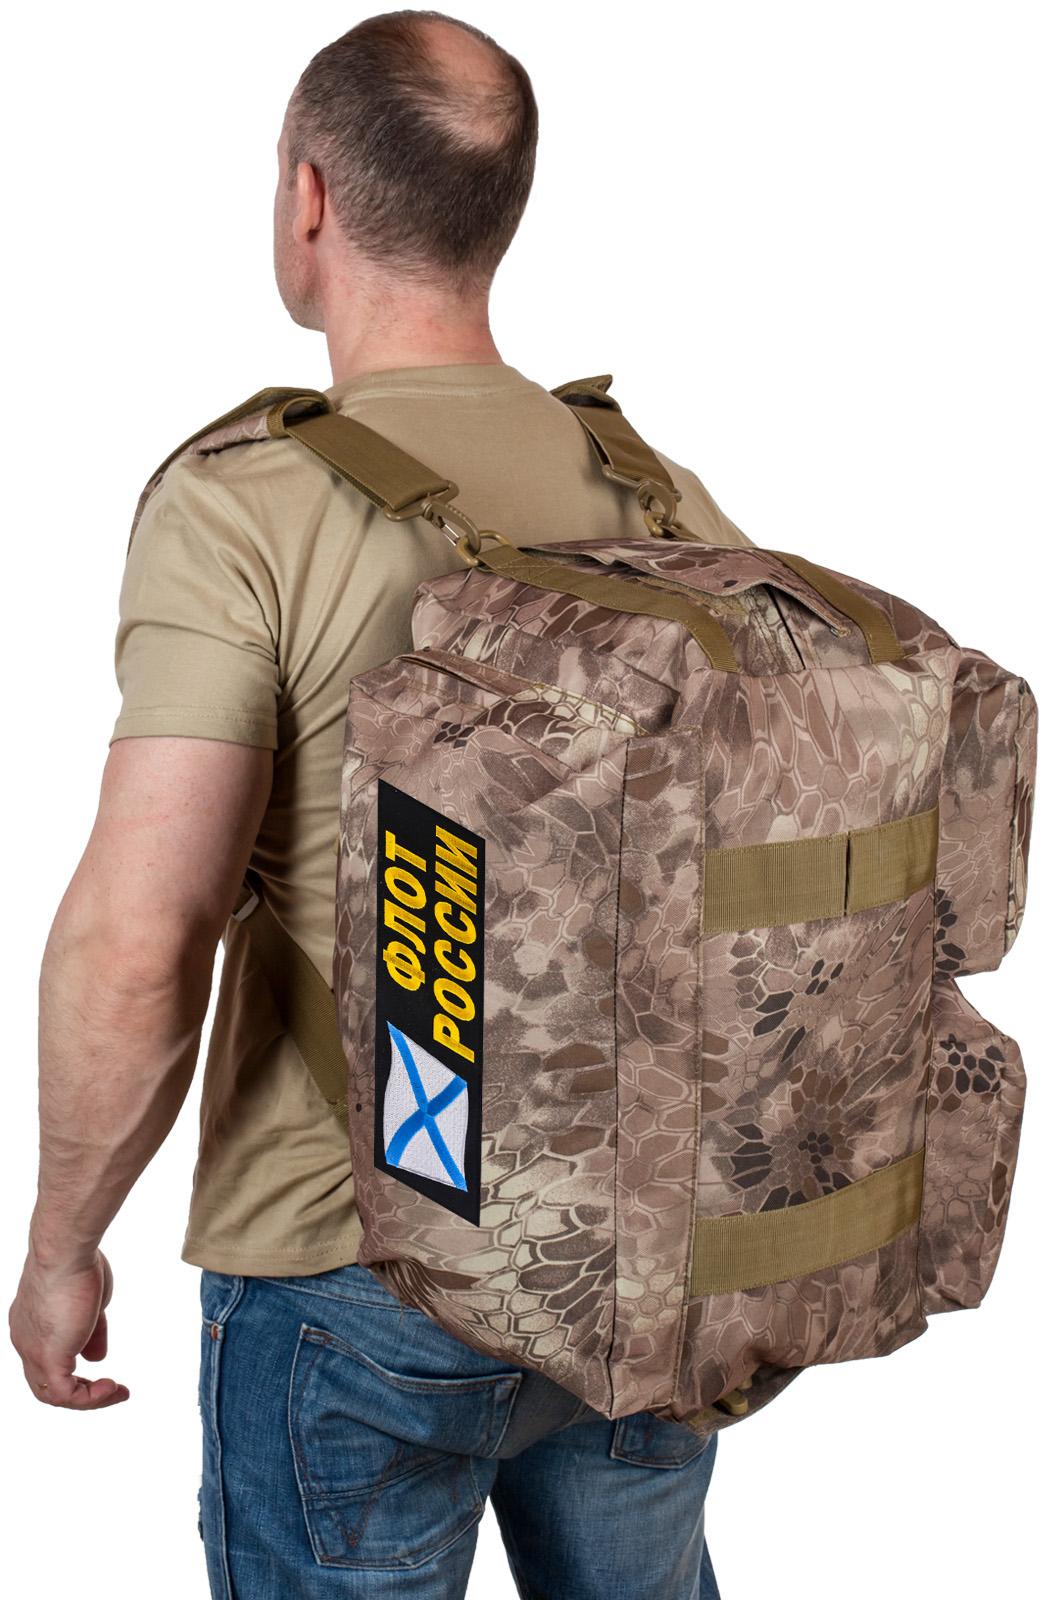 Купить тактическую дорожную сумку (нашивка Флот России) с доставкой онлайн